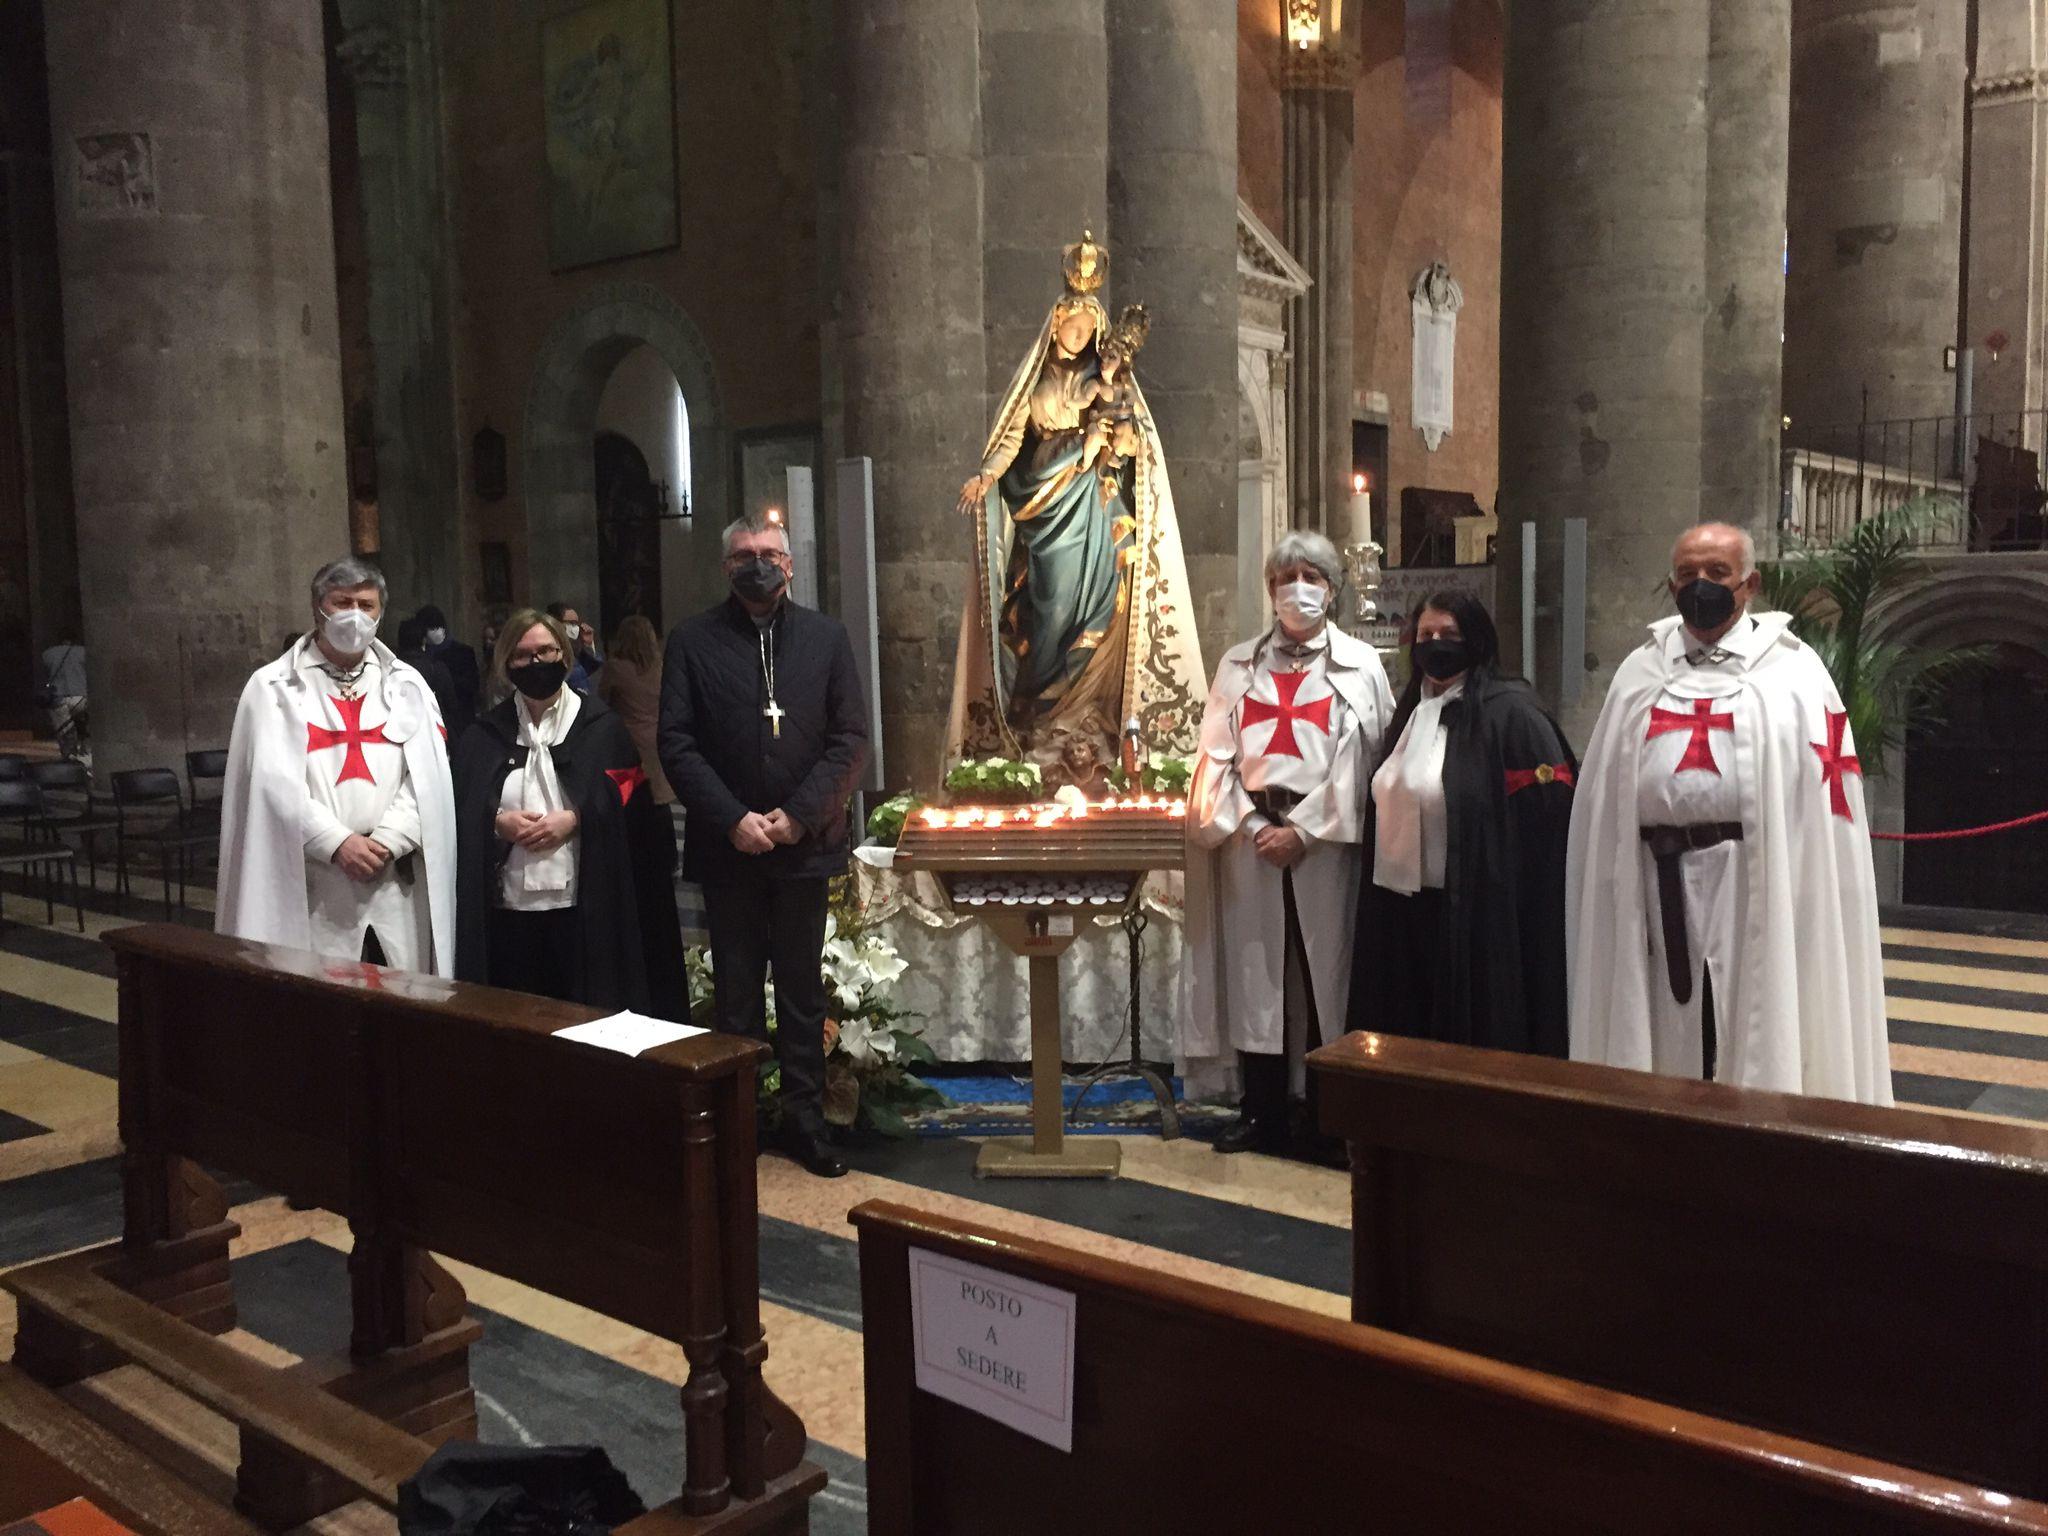 Teilnahme an der Heiligen Messe für die Muttergottes des Volkes im Dom von Piacenza 11.04.2021